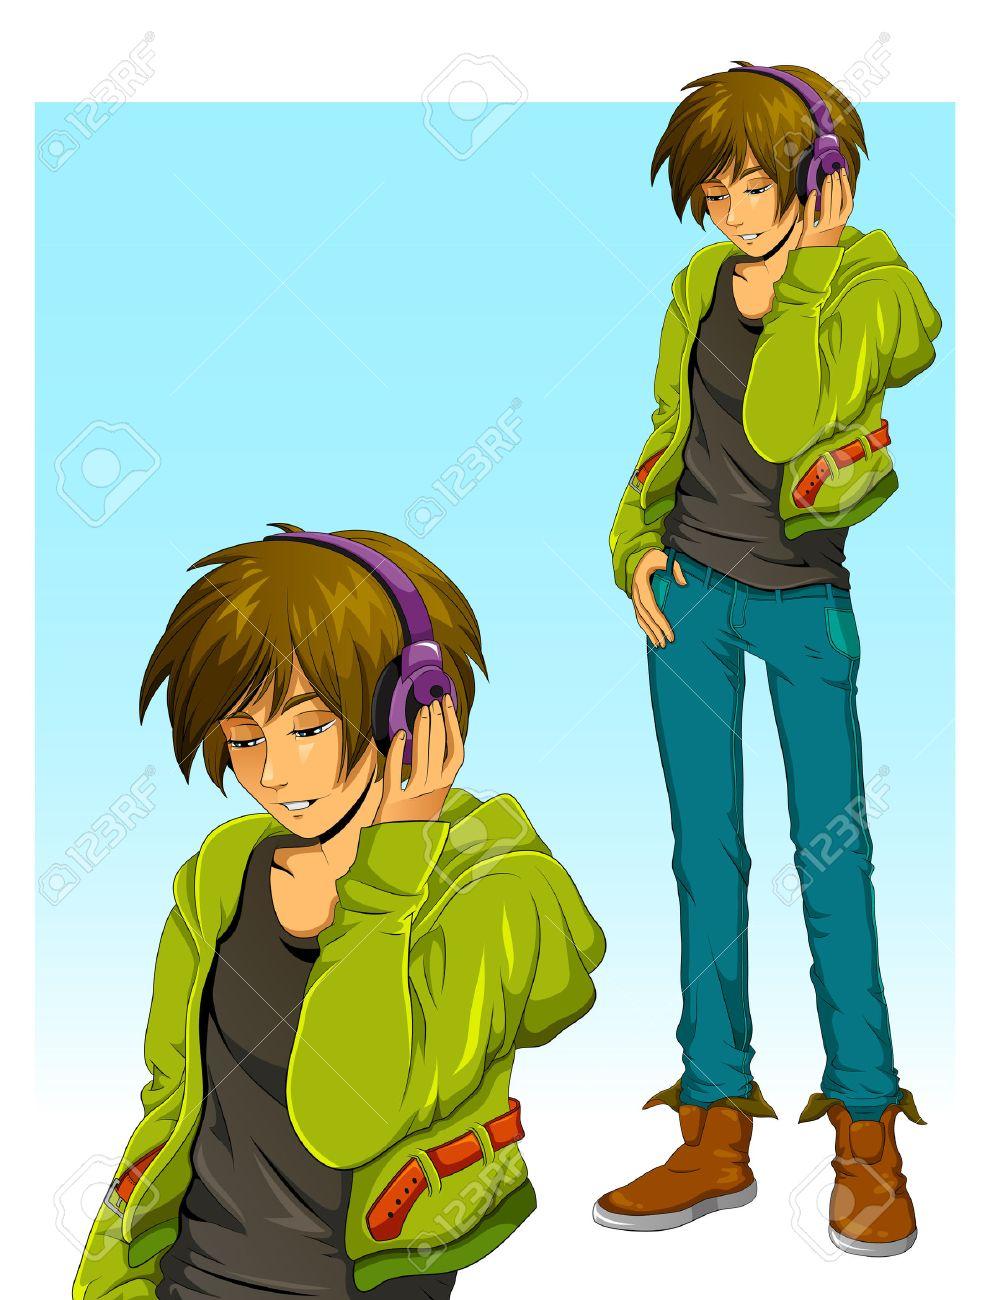 teenage boy wearing headphones - 24960285